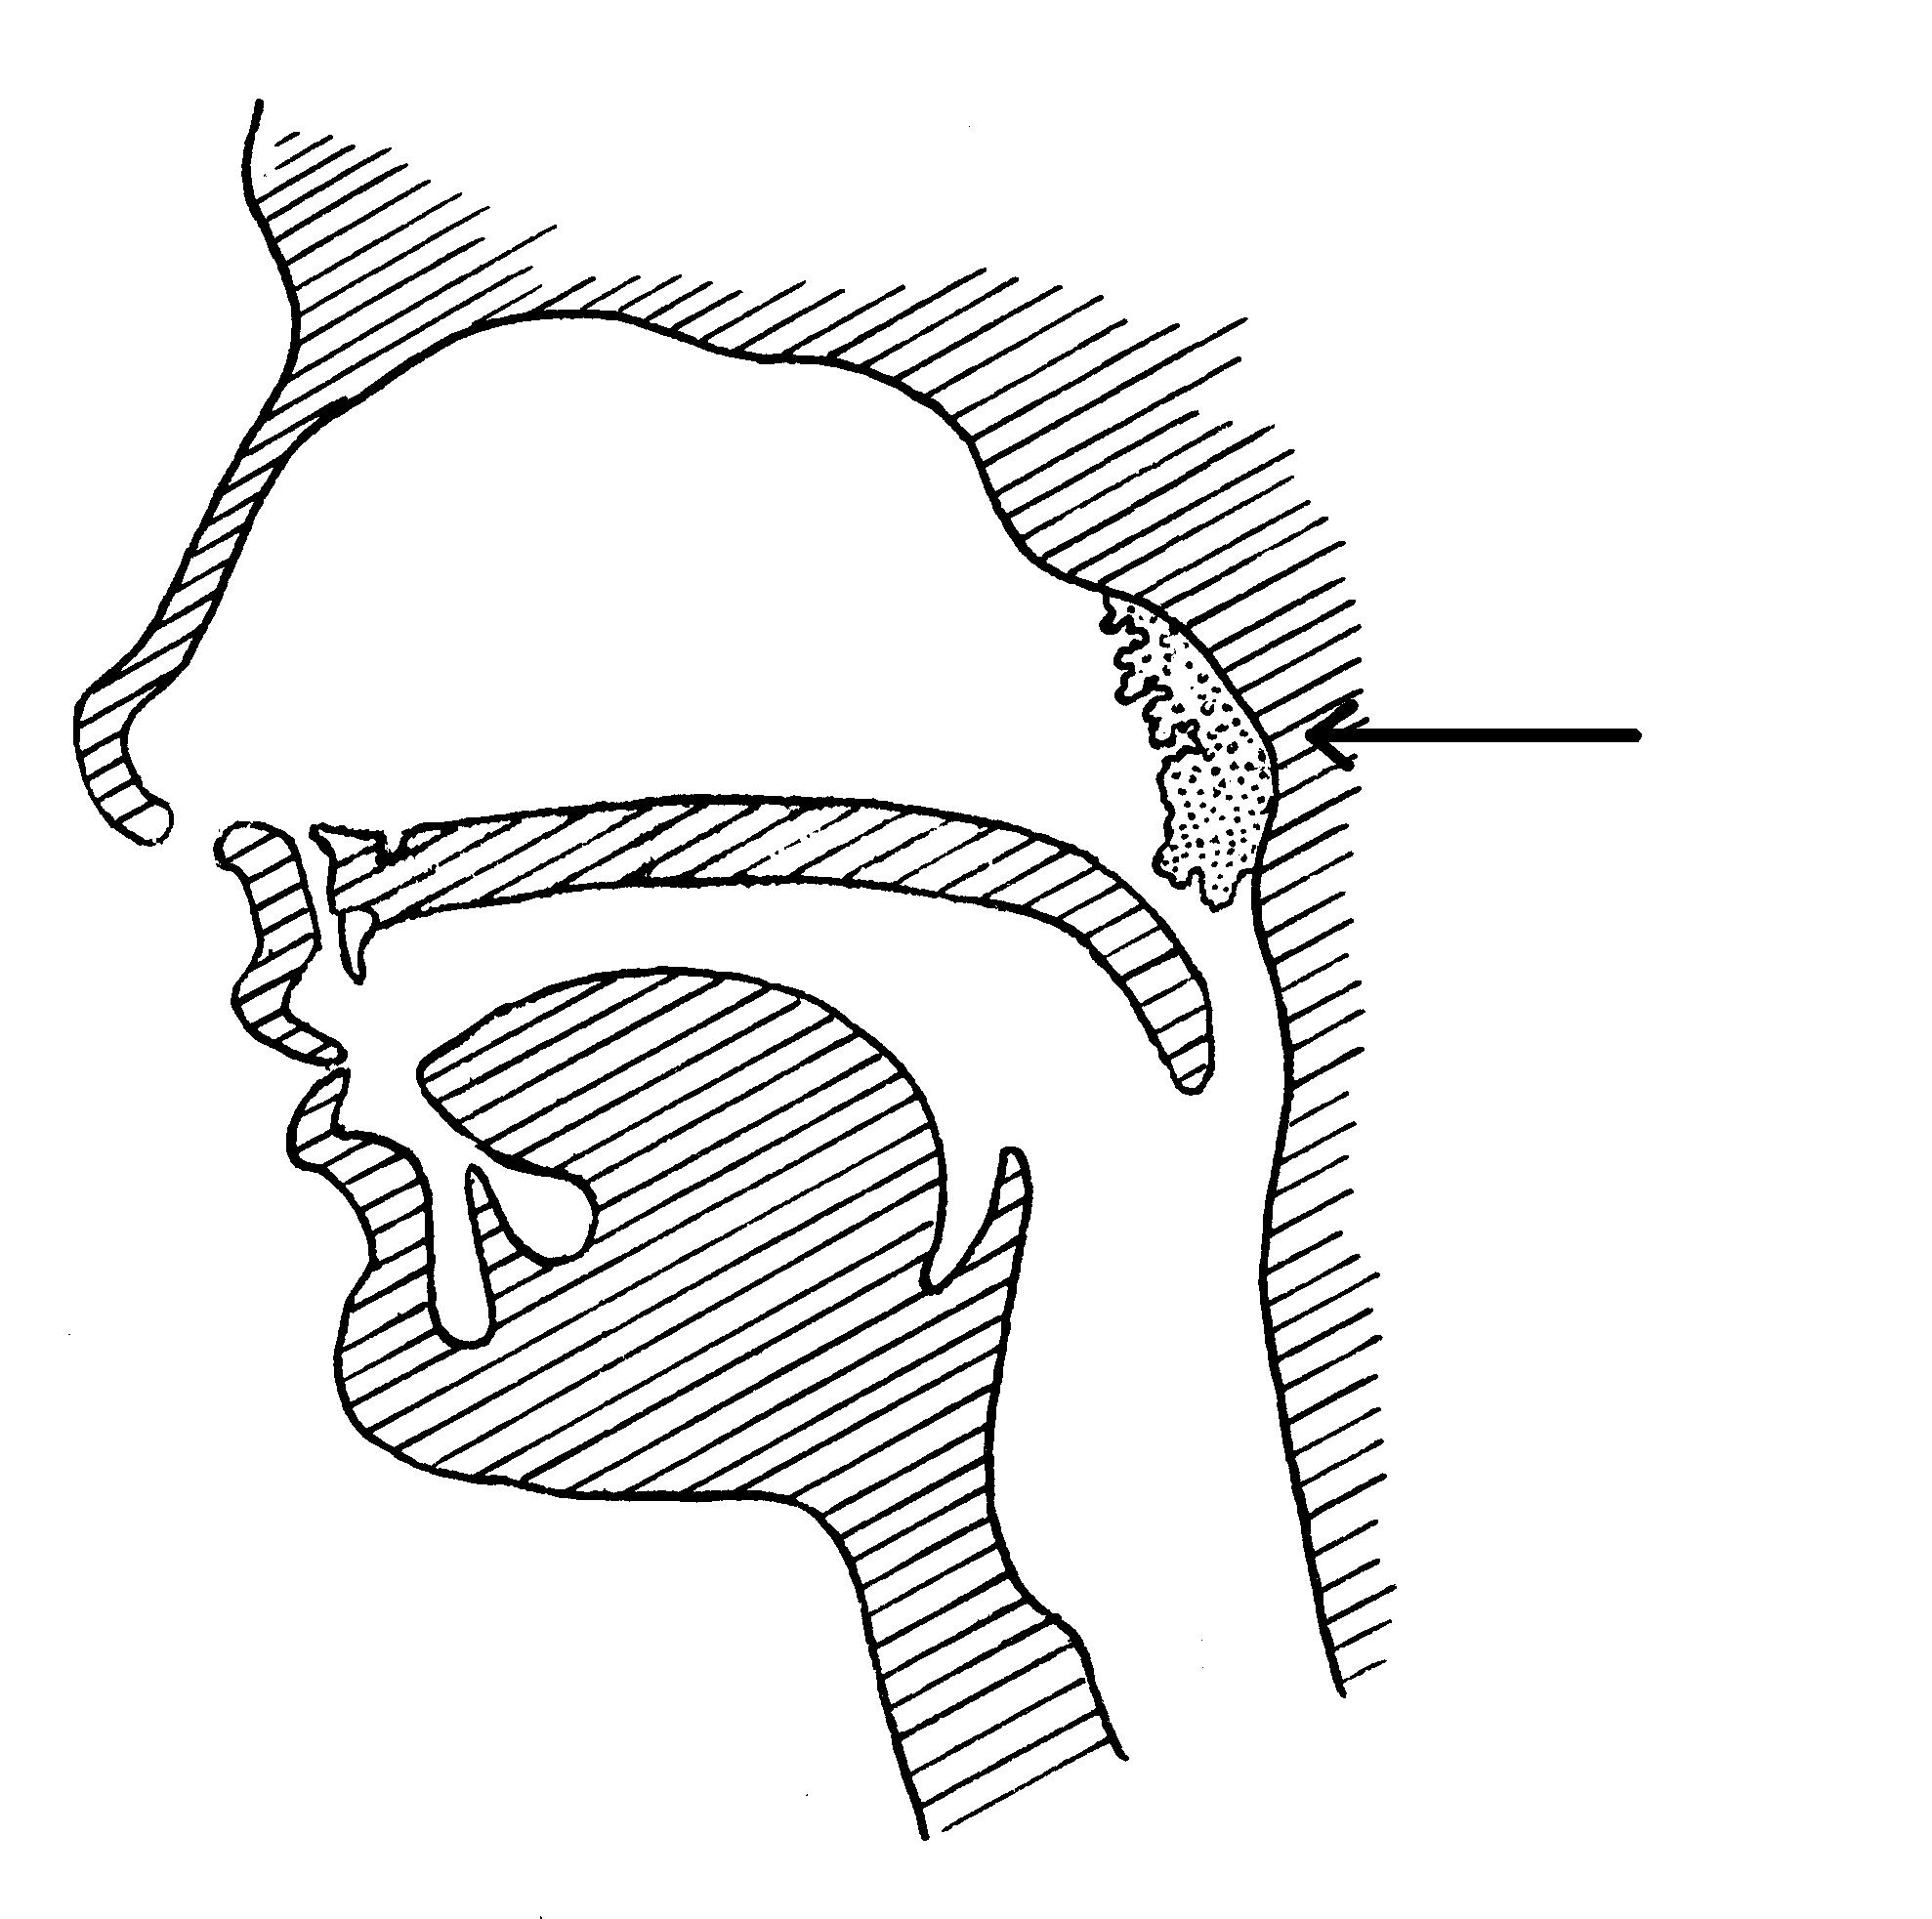 Adenotomia (usunięcie migdałka gardłowego)